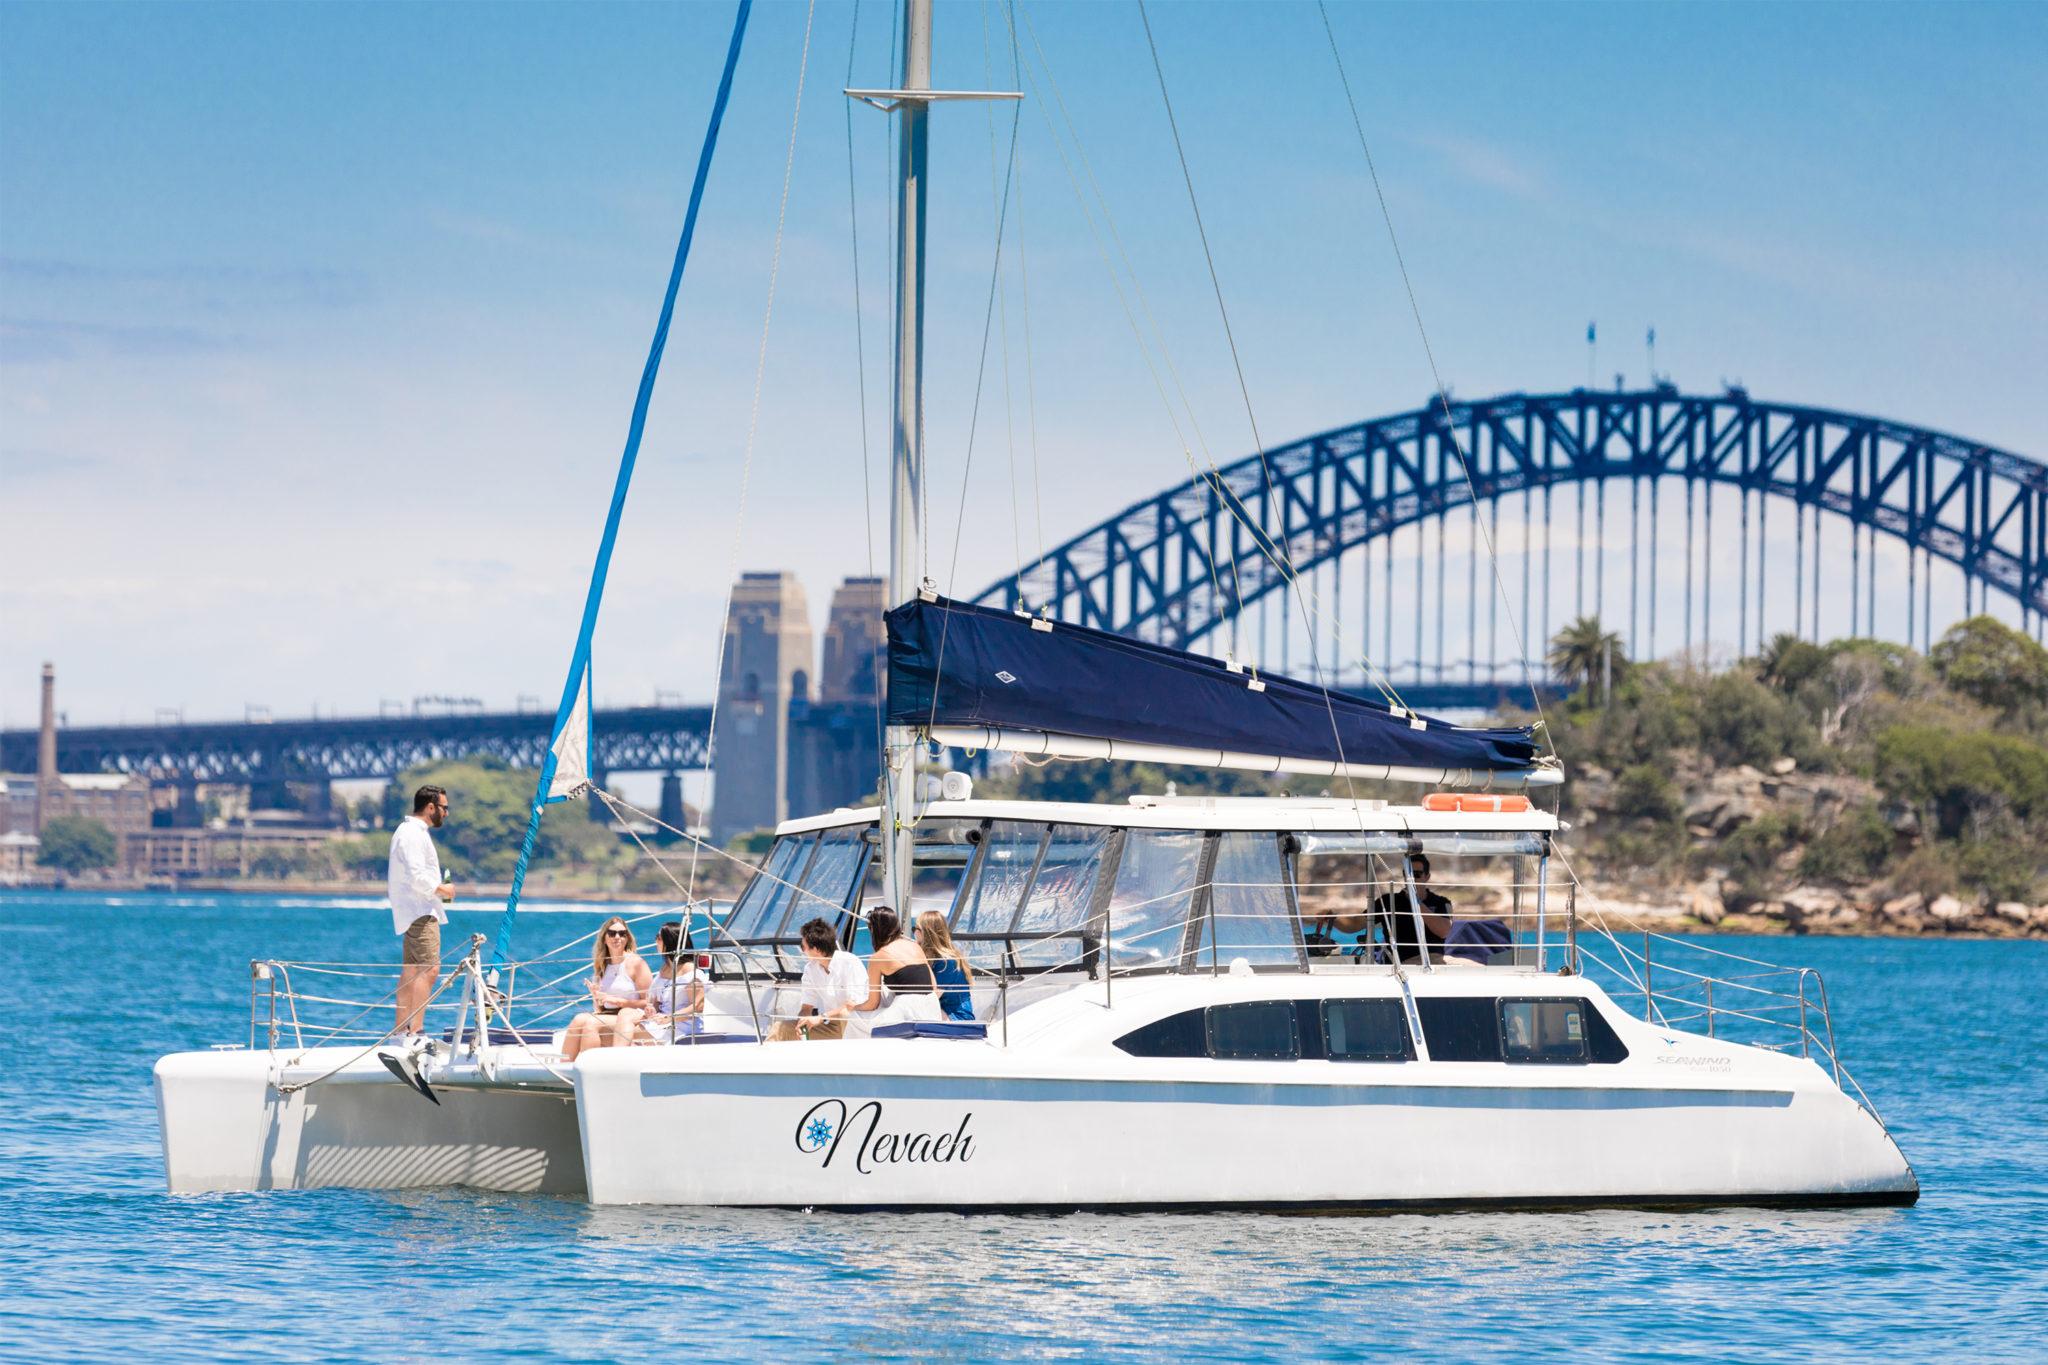 Private Catamaran Hire on Sydney Harbour, Australia